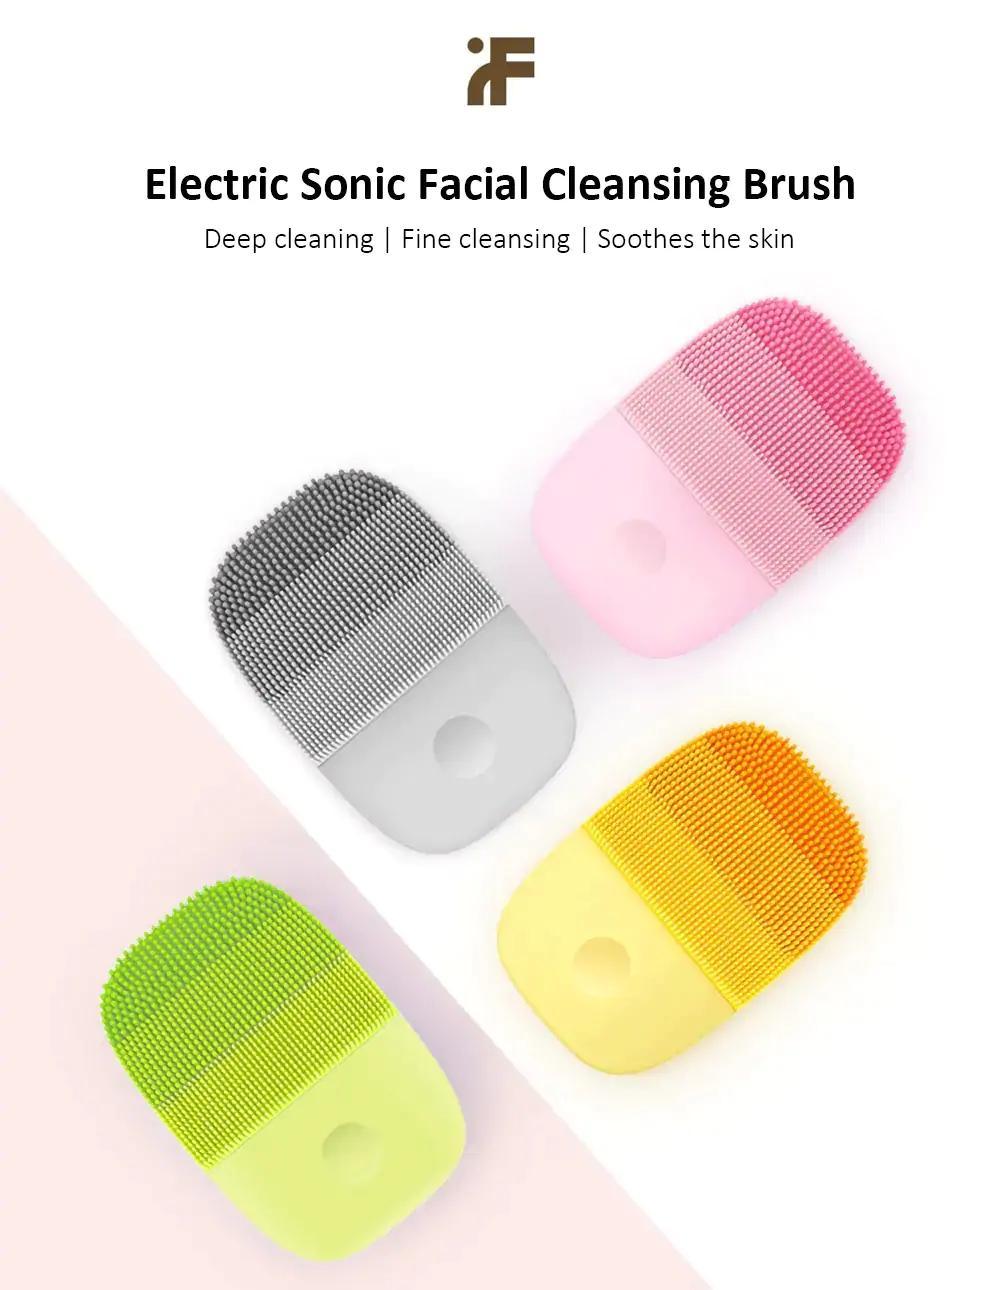 Orijinal inFace Yüz Temizleme Fırçası Derin Temizleyici Yüz Su geçirmez Silikon Elektrik Sonic Temizleyici Temiz apparaat C1